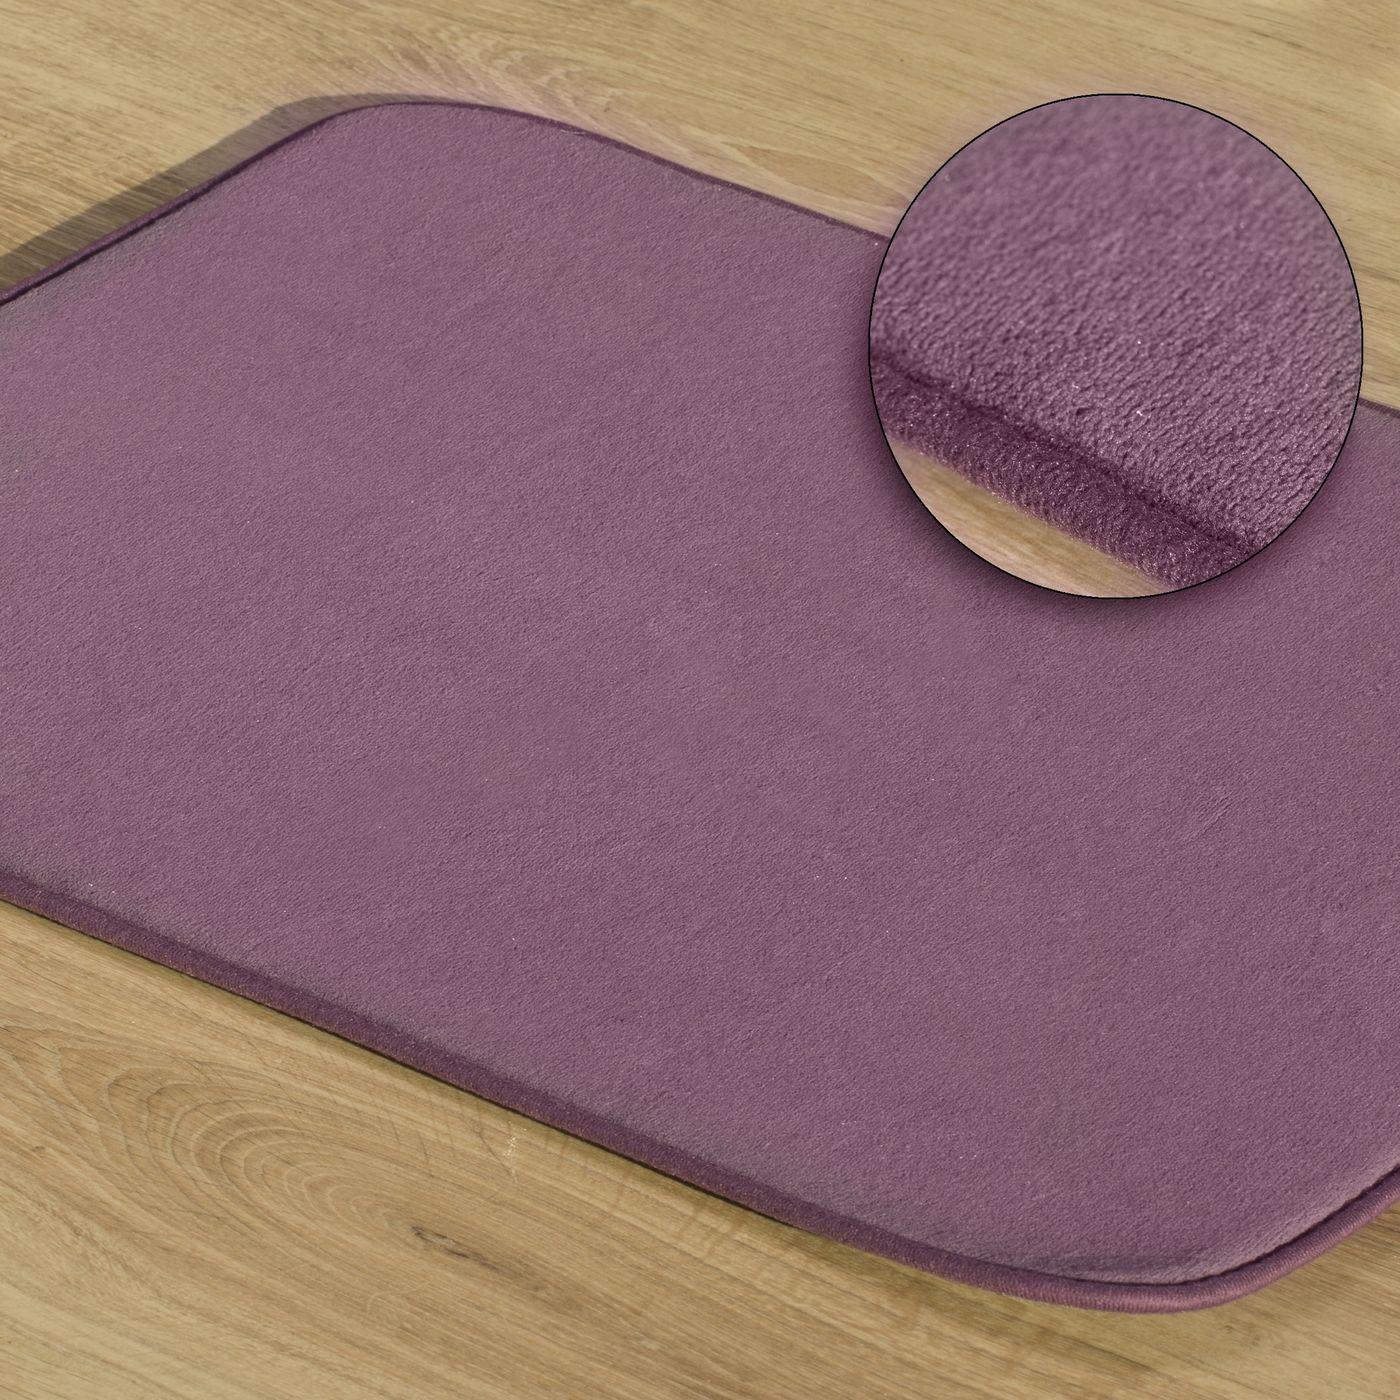 Dywanik gładki łazienkowy fioletowy 50x70cm